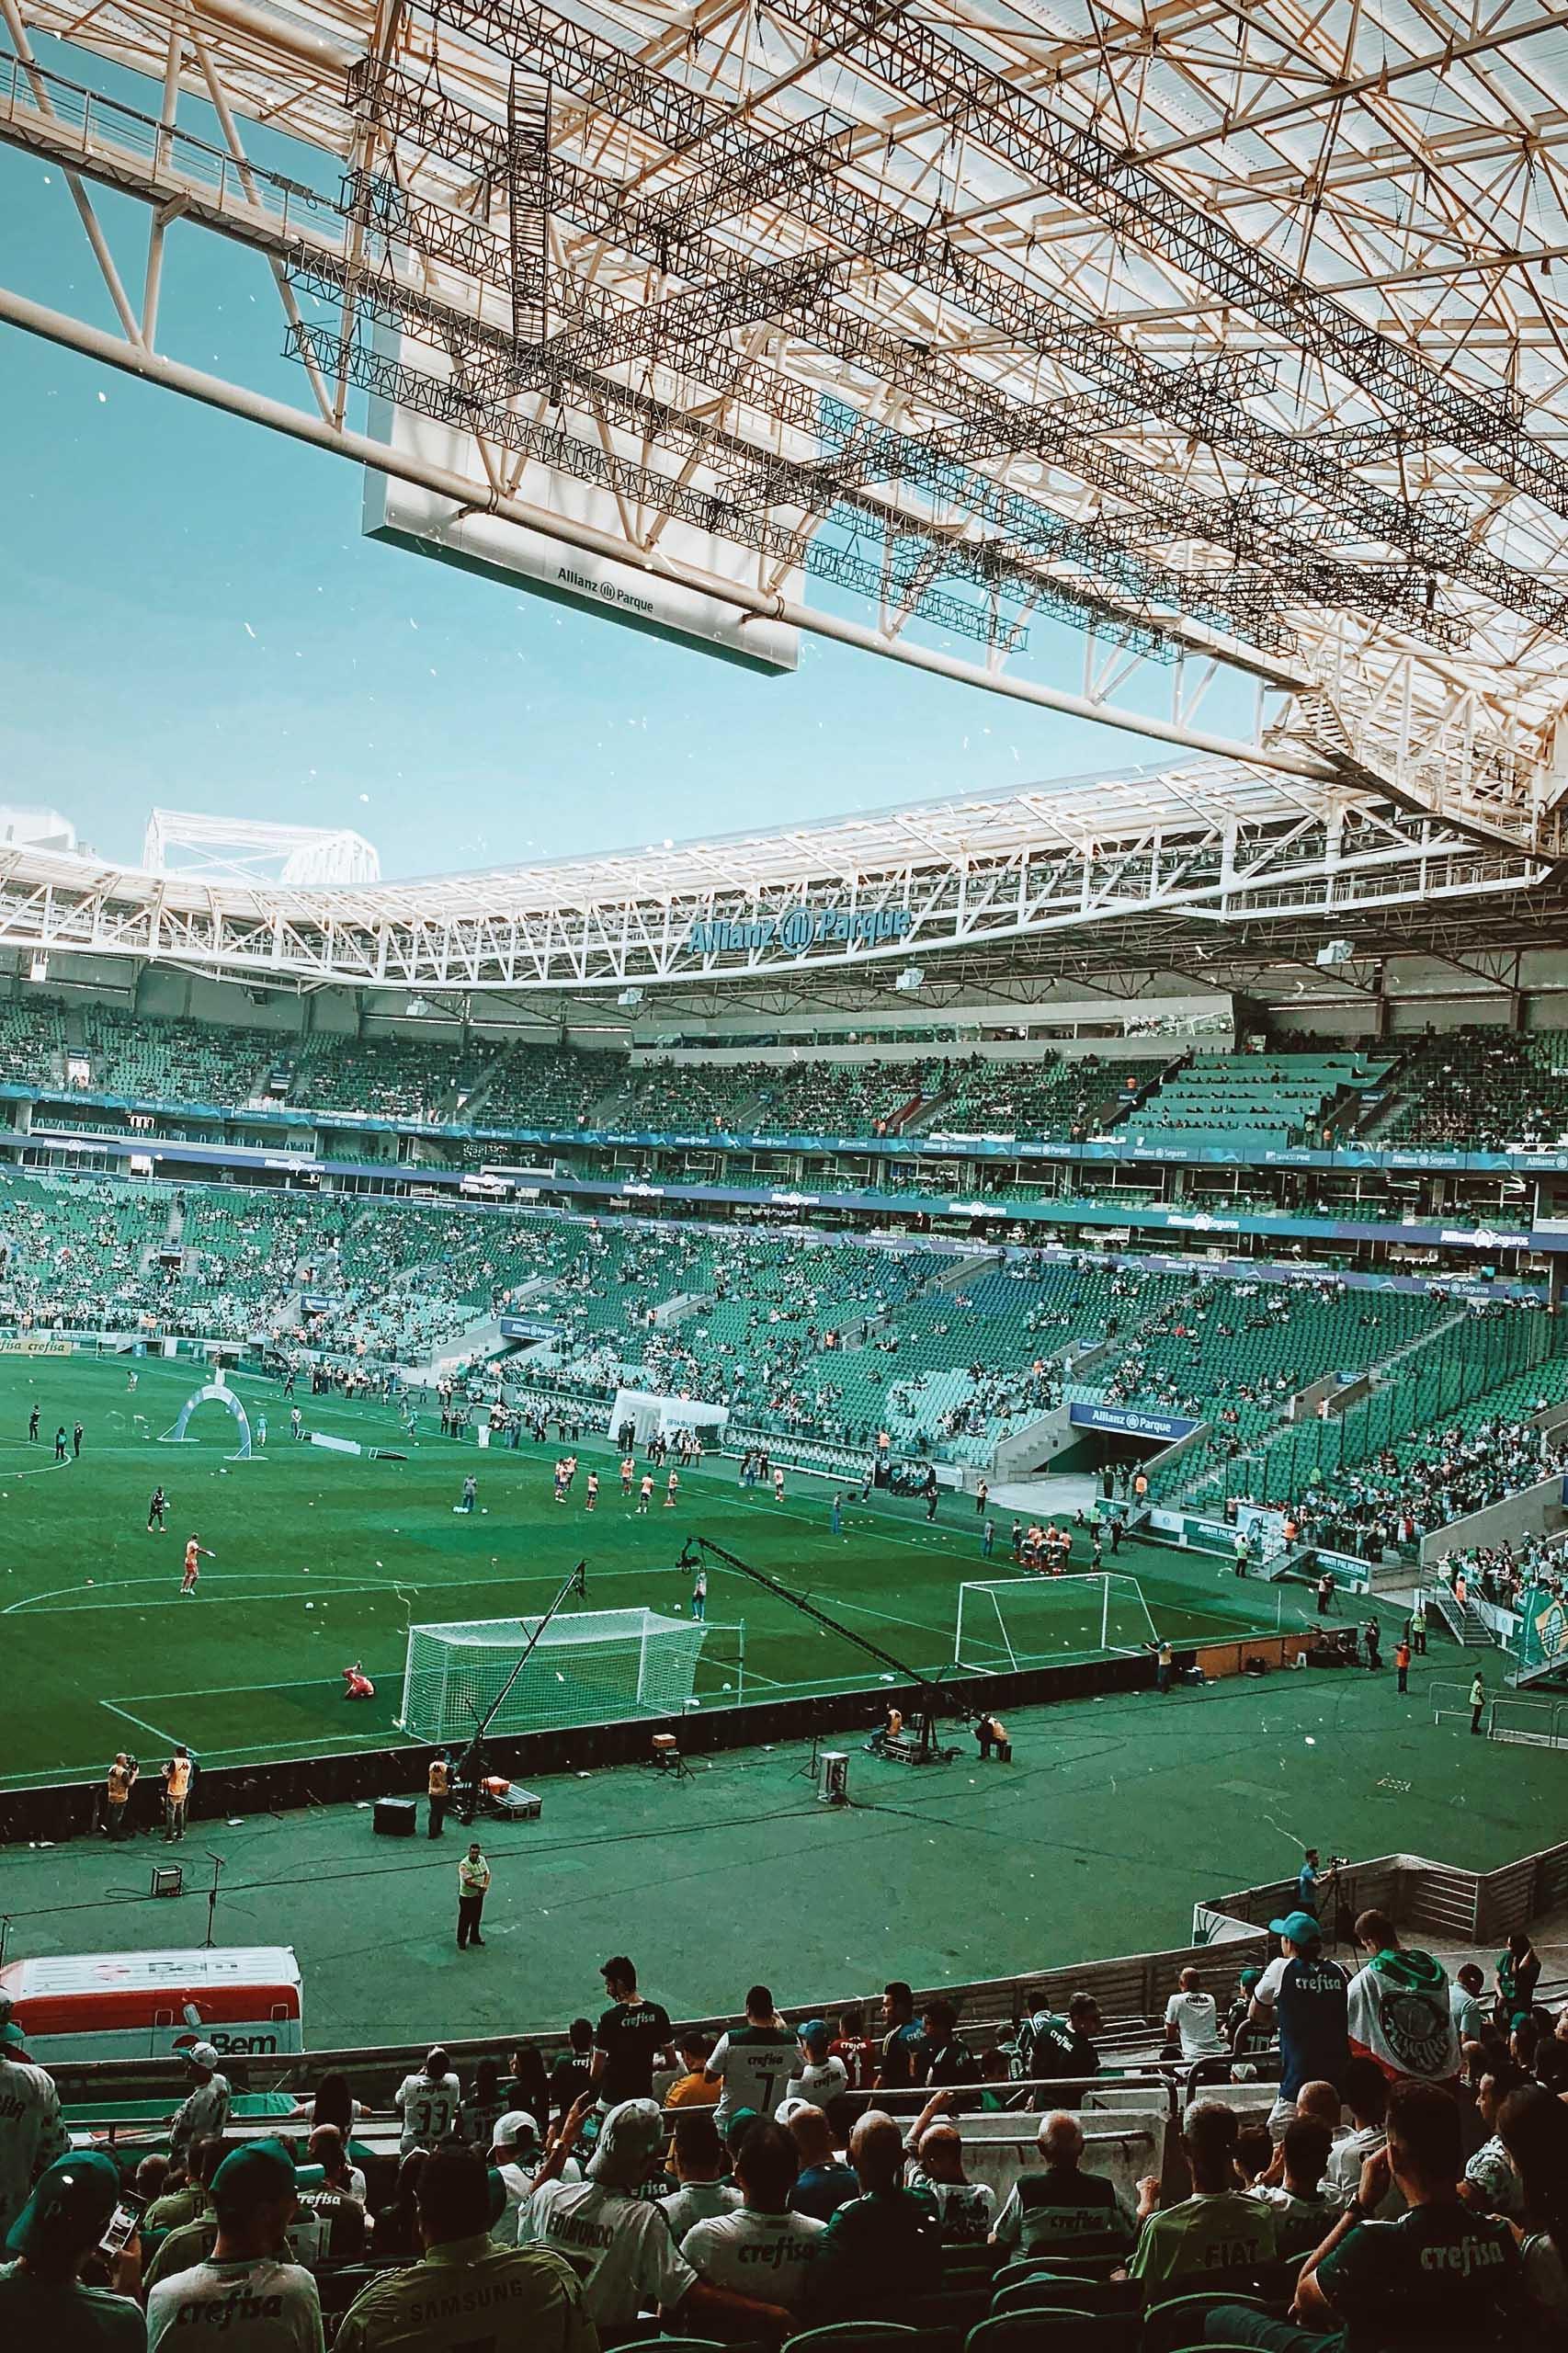 Allianz Parque Stadium in São Paulo, Brazil